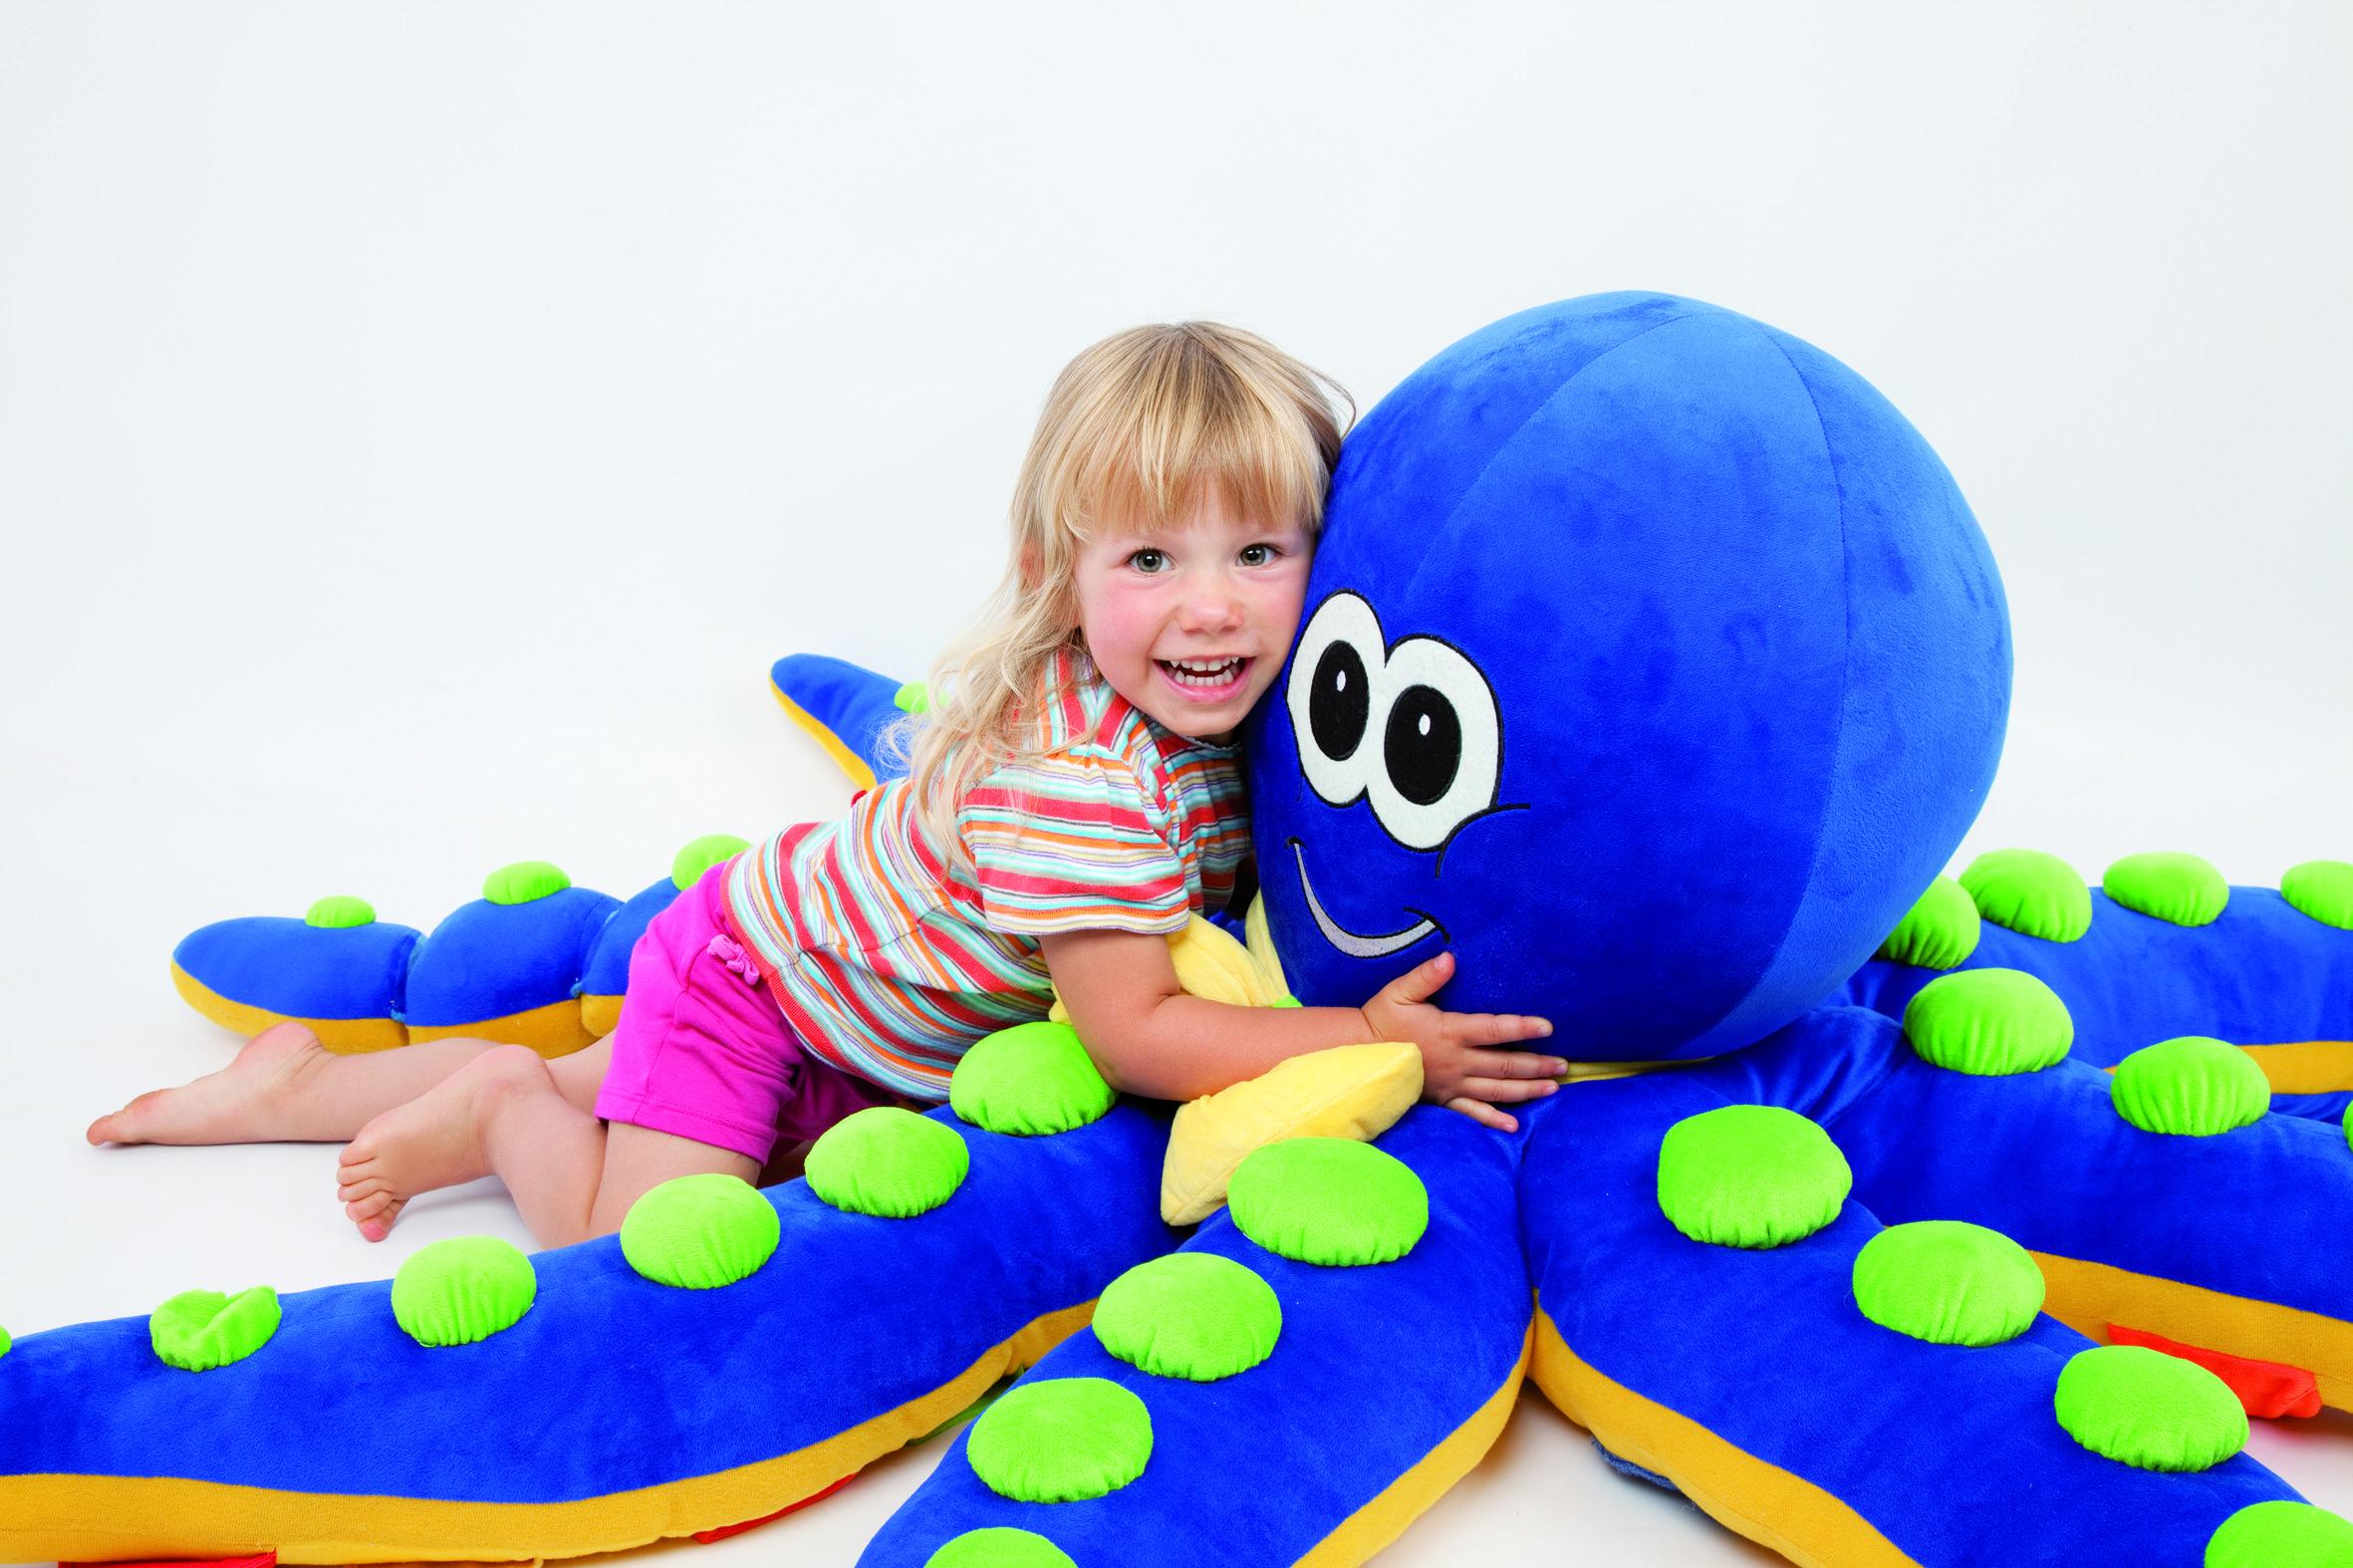 Octino  Ook de onderwaterwereld heeft een prachtige handpop in de vorm van Octino. Laat hem de kinderen meenemen in een prachtige onderwaterwereld.  Uiteraard kan Octino gewassen worden in een sopje. Heeft u ooit een octopus ontmoet die niet tegen water kon?  Afmetingen: Doorsnede van tentakel naar tentakel 1600 mm Hoogte 550 mm